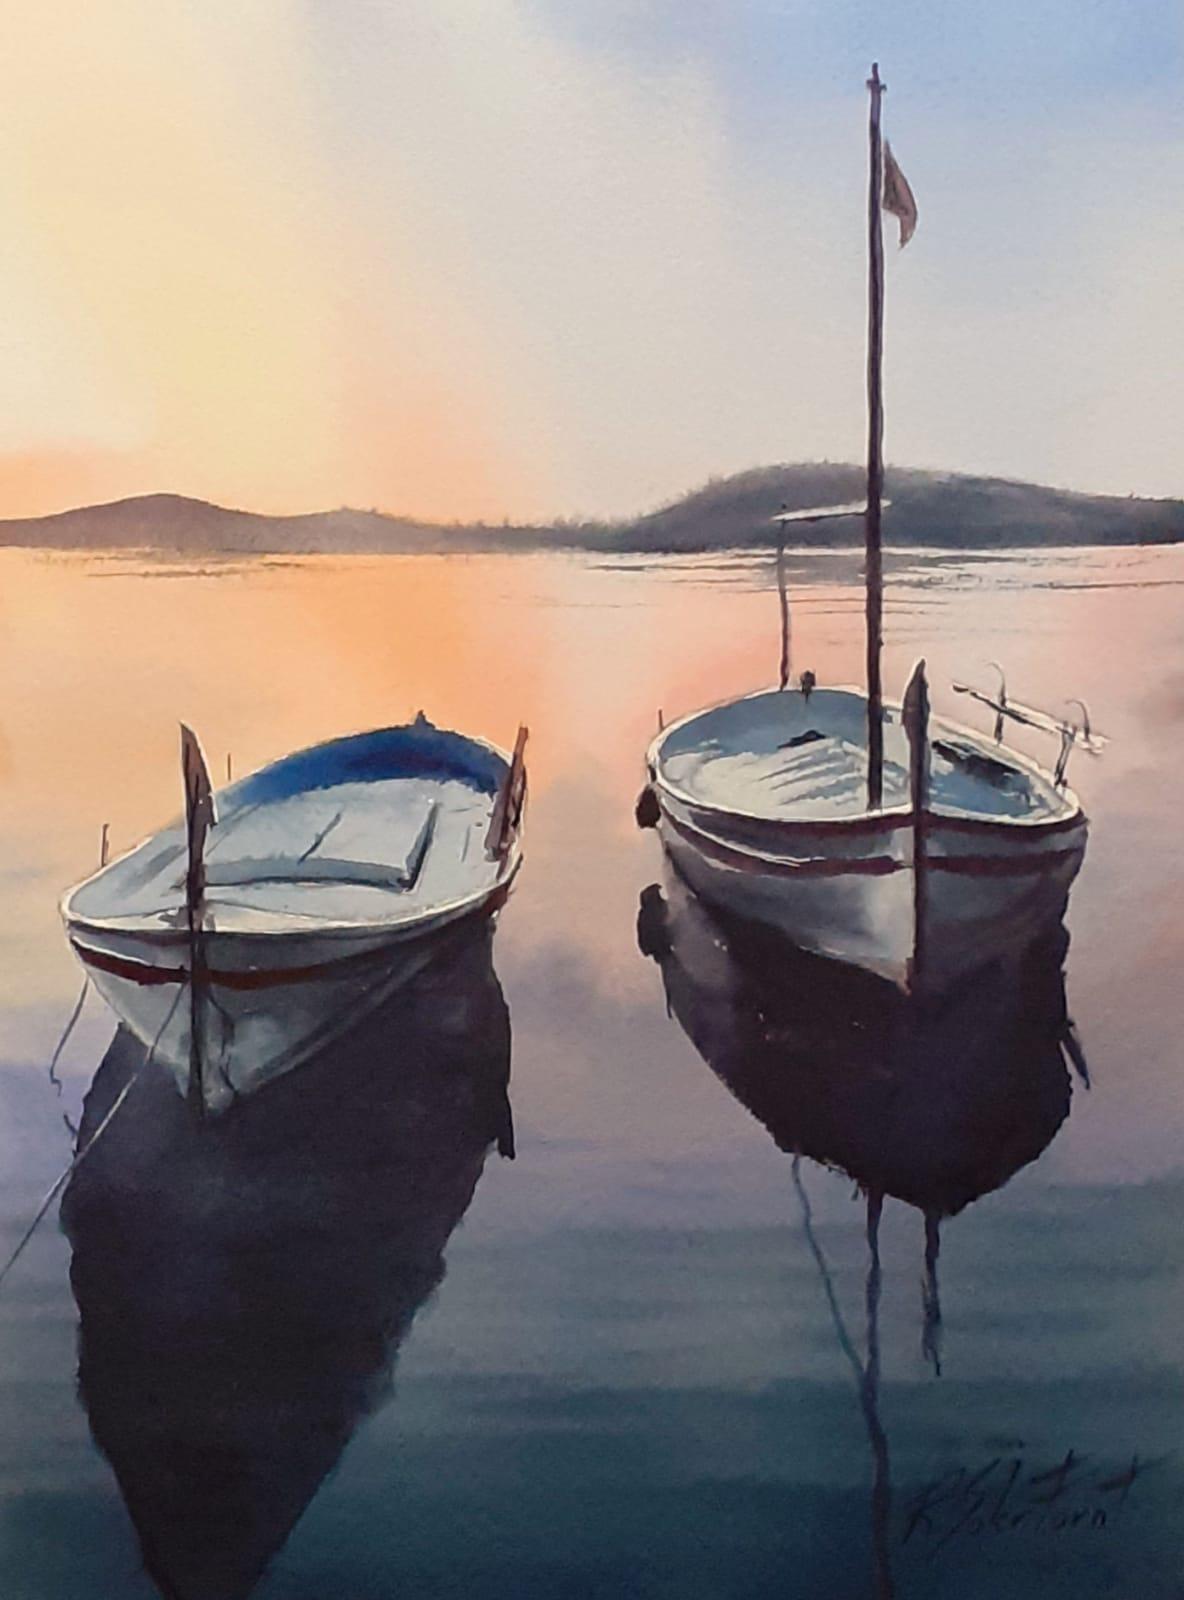 Dues barques a Port Lligat, 25 x 35 cm. (Disponible)